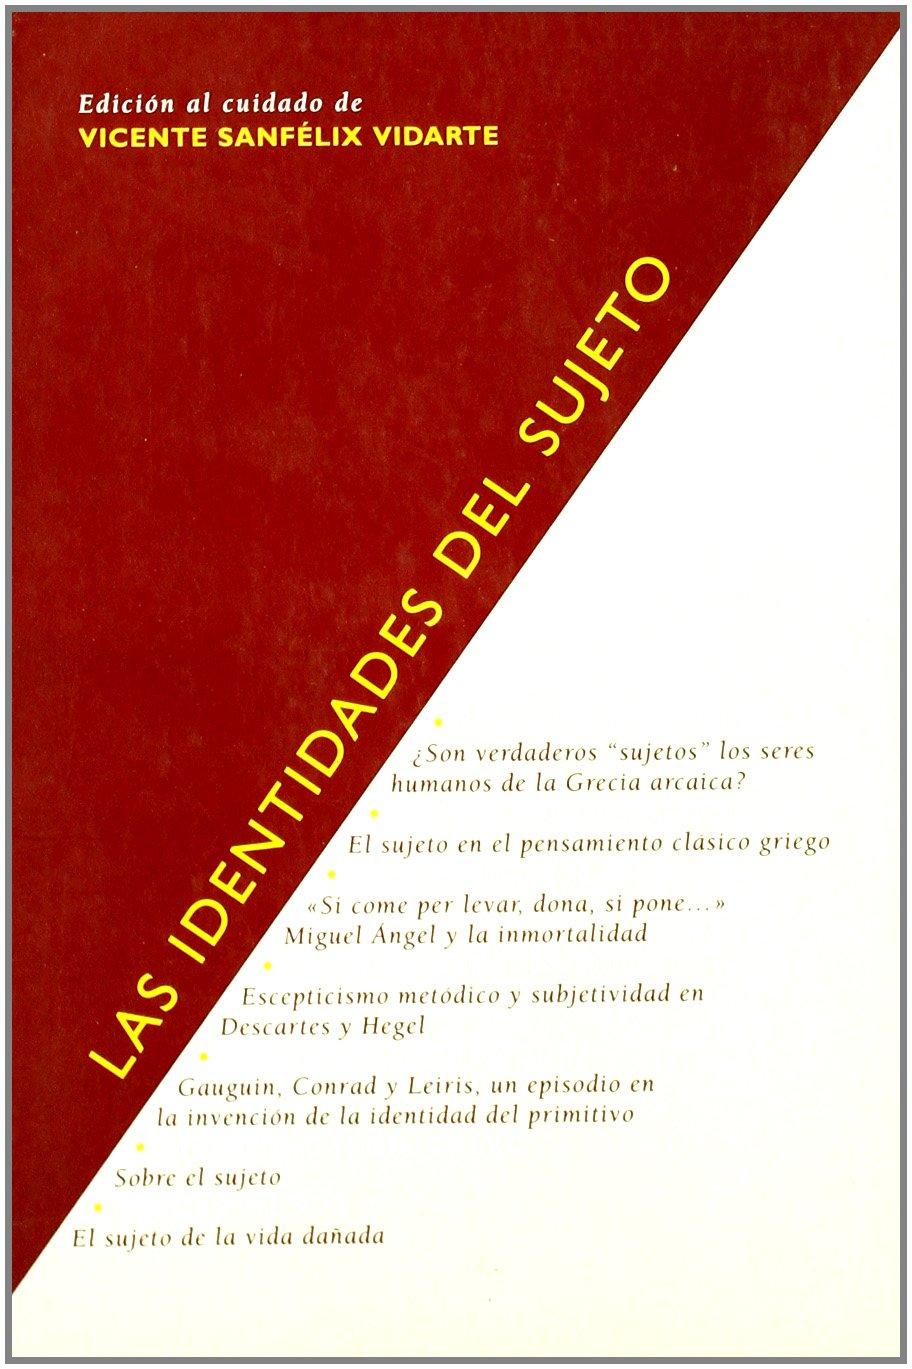 Las identidades del sujeto Títulos en coedición y fuera de colección: Amazon.es: V. Sanfelix: Libros